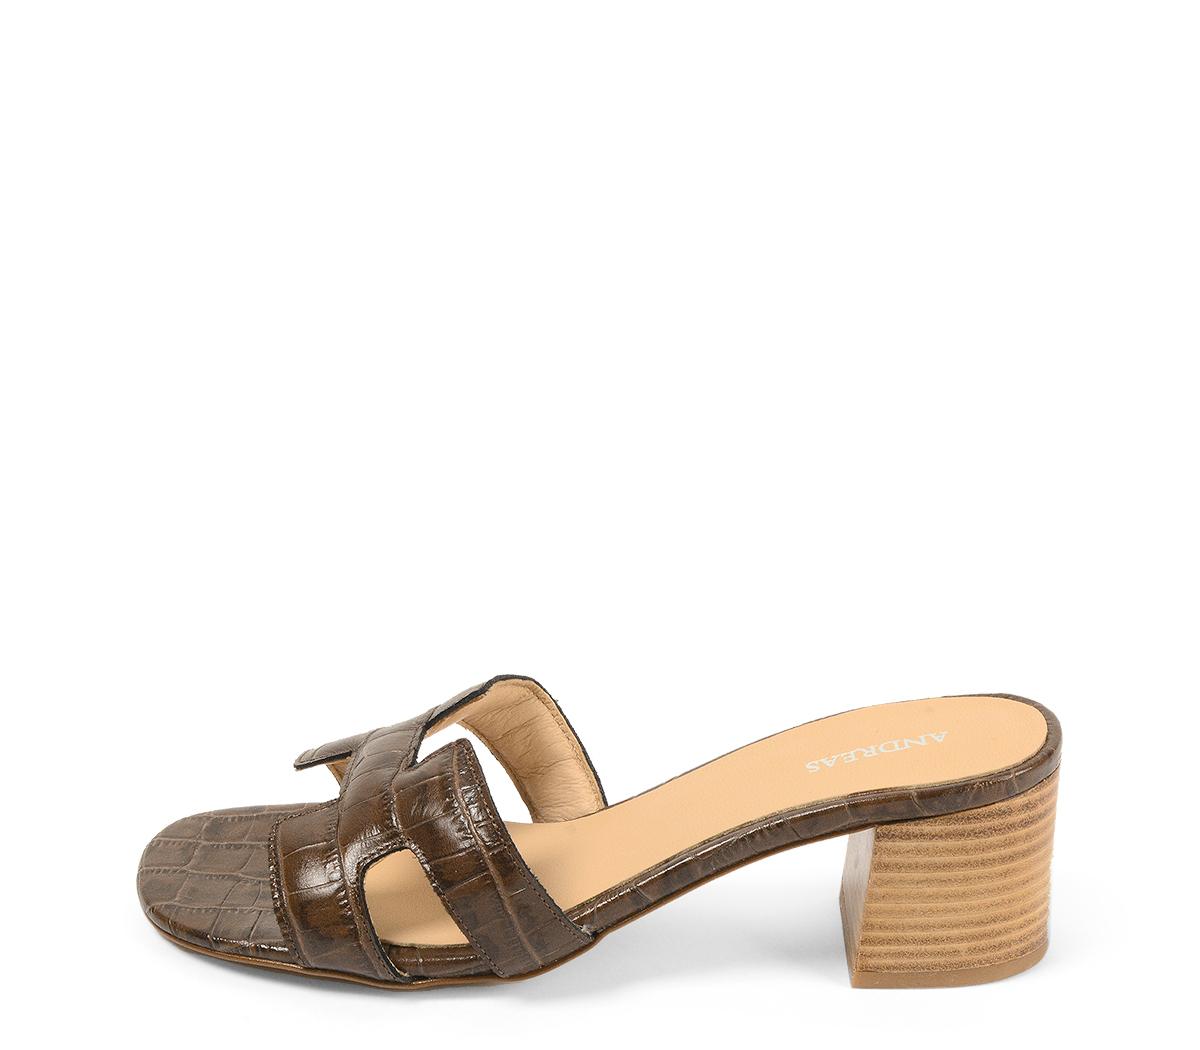 Ref. 4262 Sandalia piel marrón con grabado coco. Altura tacón 6 cm y sin plataforma delantera. Pala en forma de H.